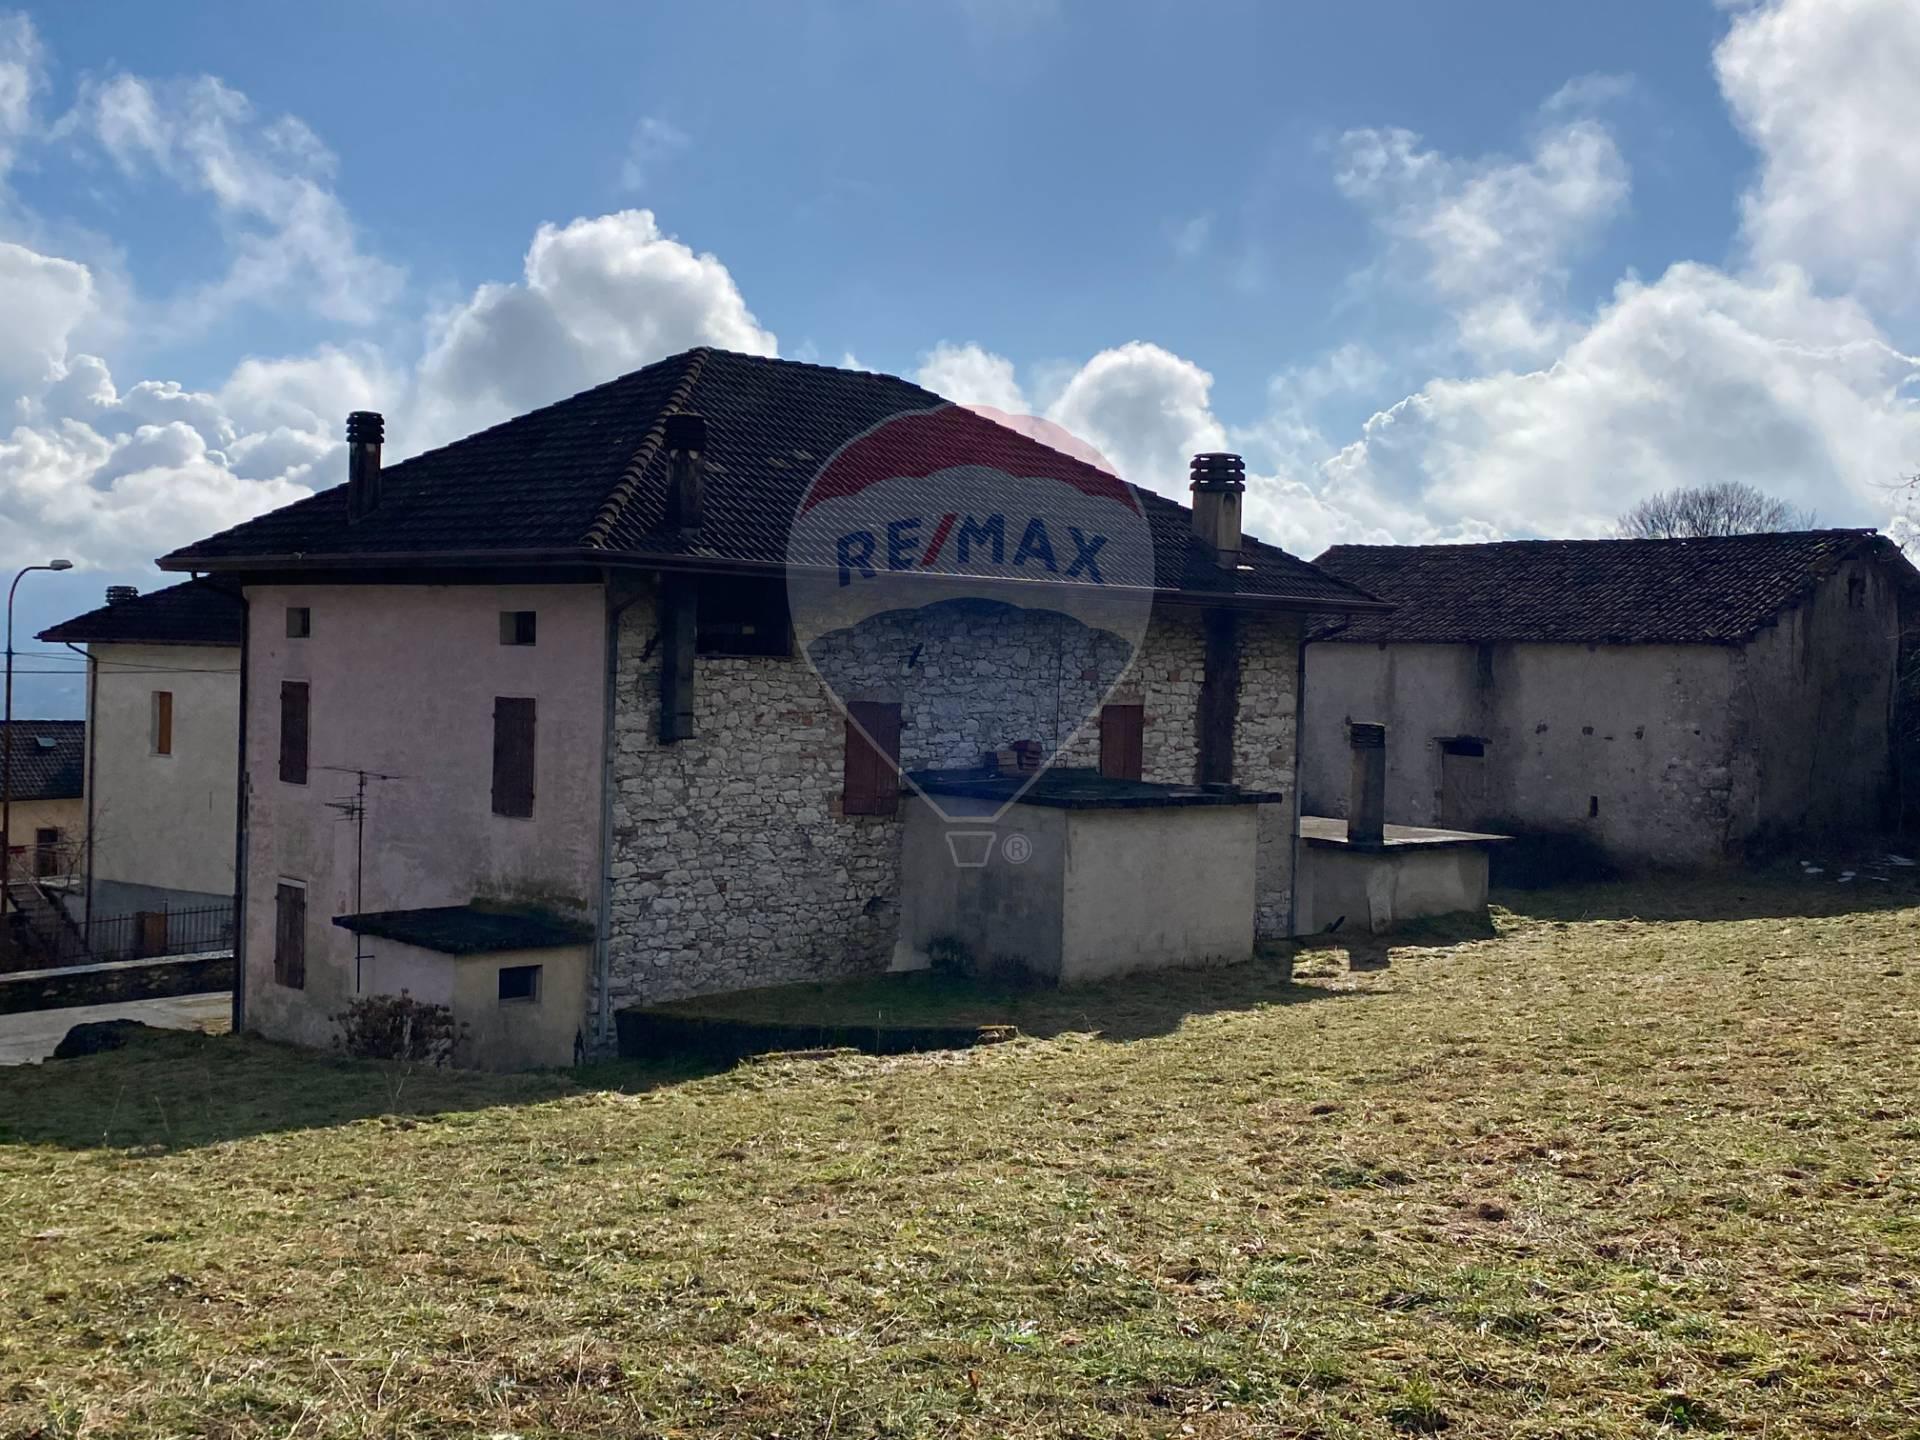 Soluzione Indipendente in vendita a Sospirolo, 8 locali, zona Zona: Maras, prezzo € 85.000 | CambioCasa.it